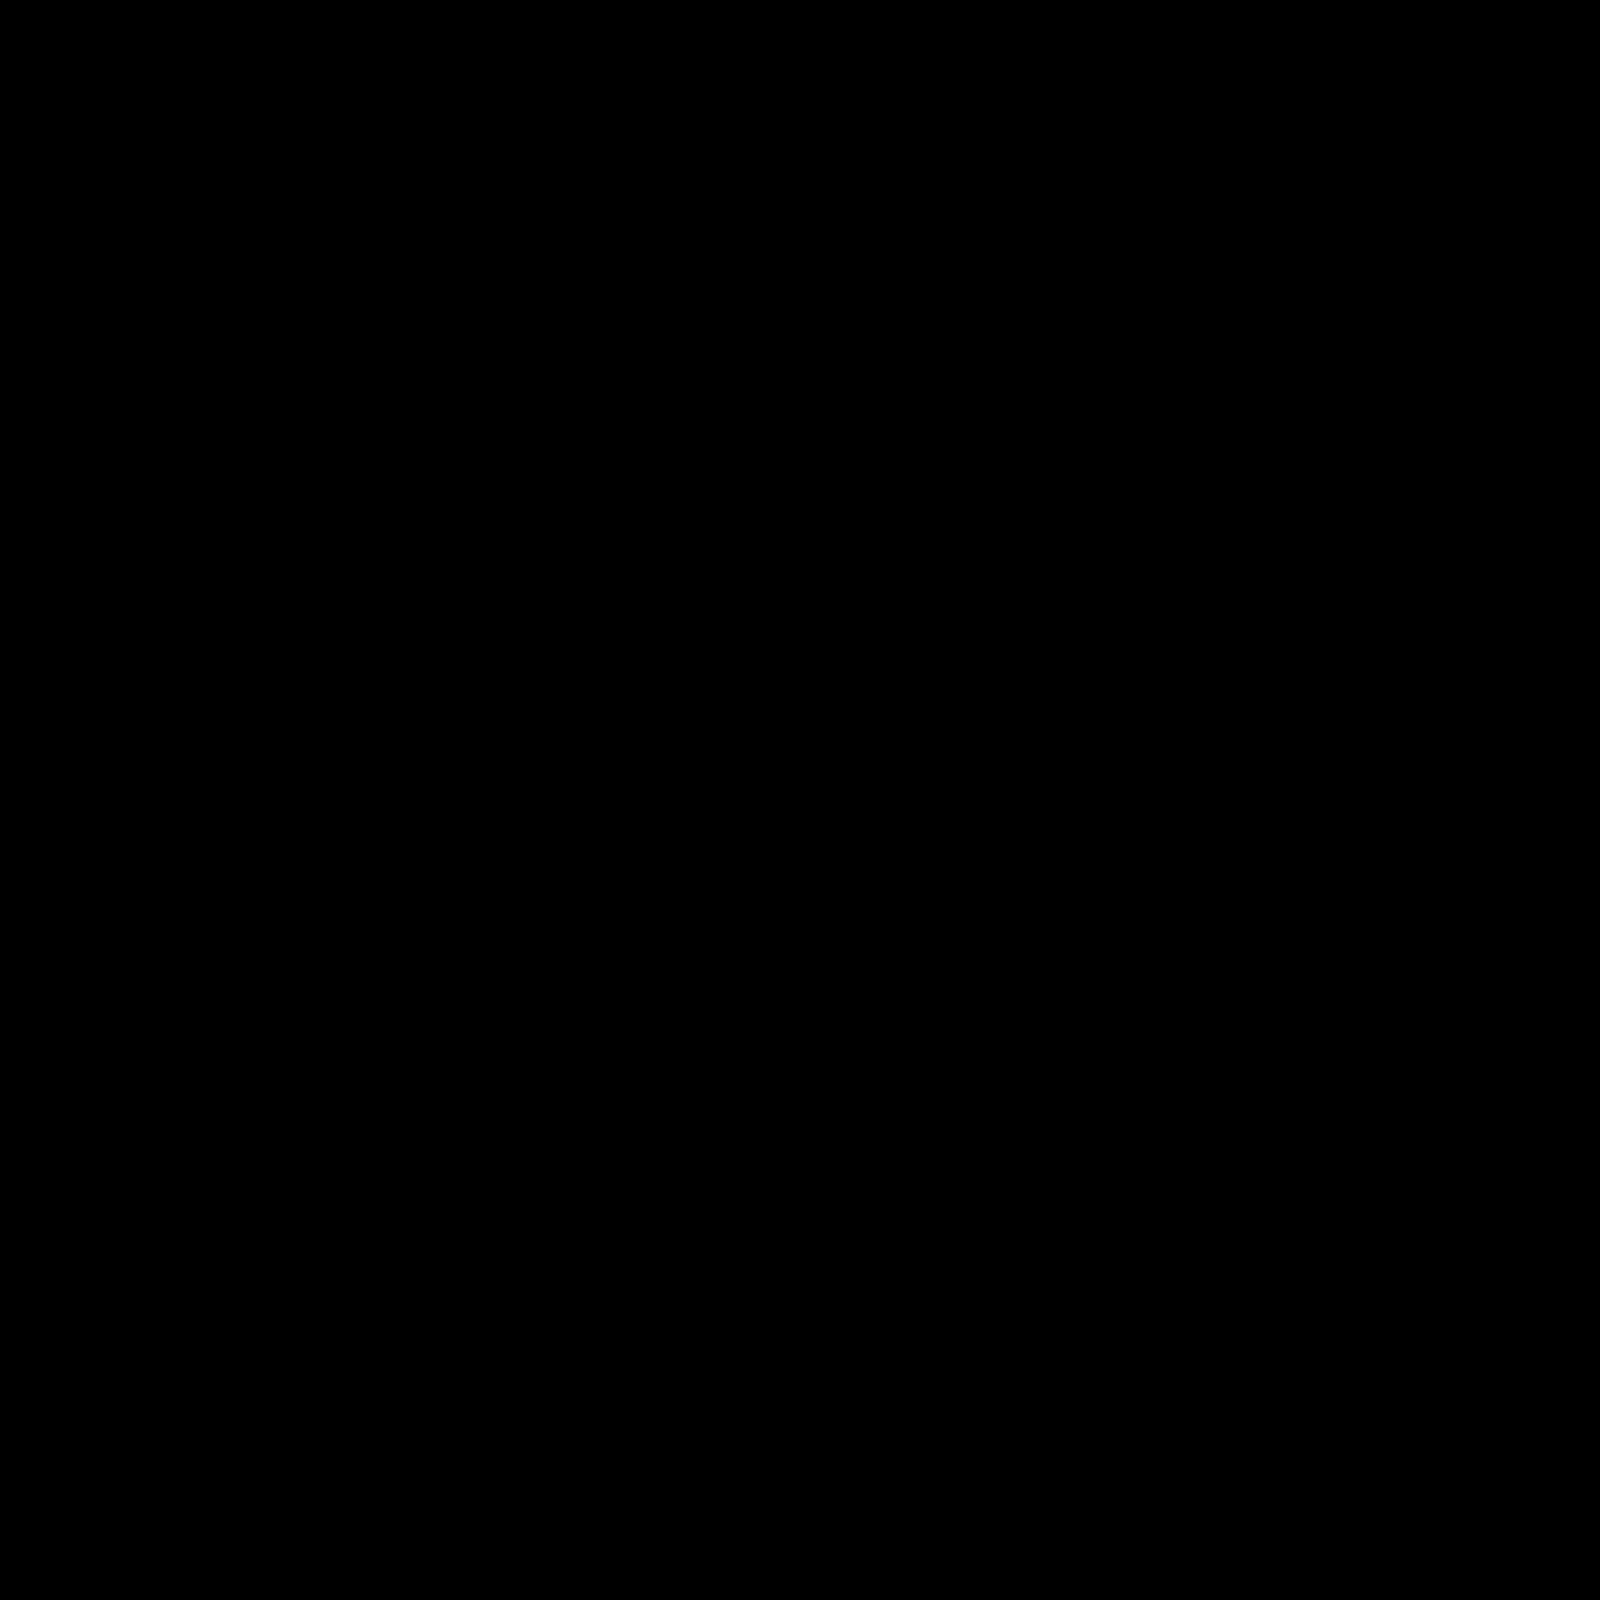 Pressure Vessel Filled icon